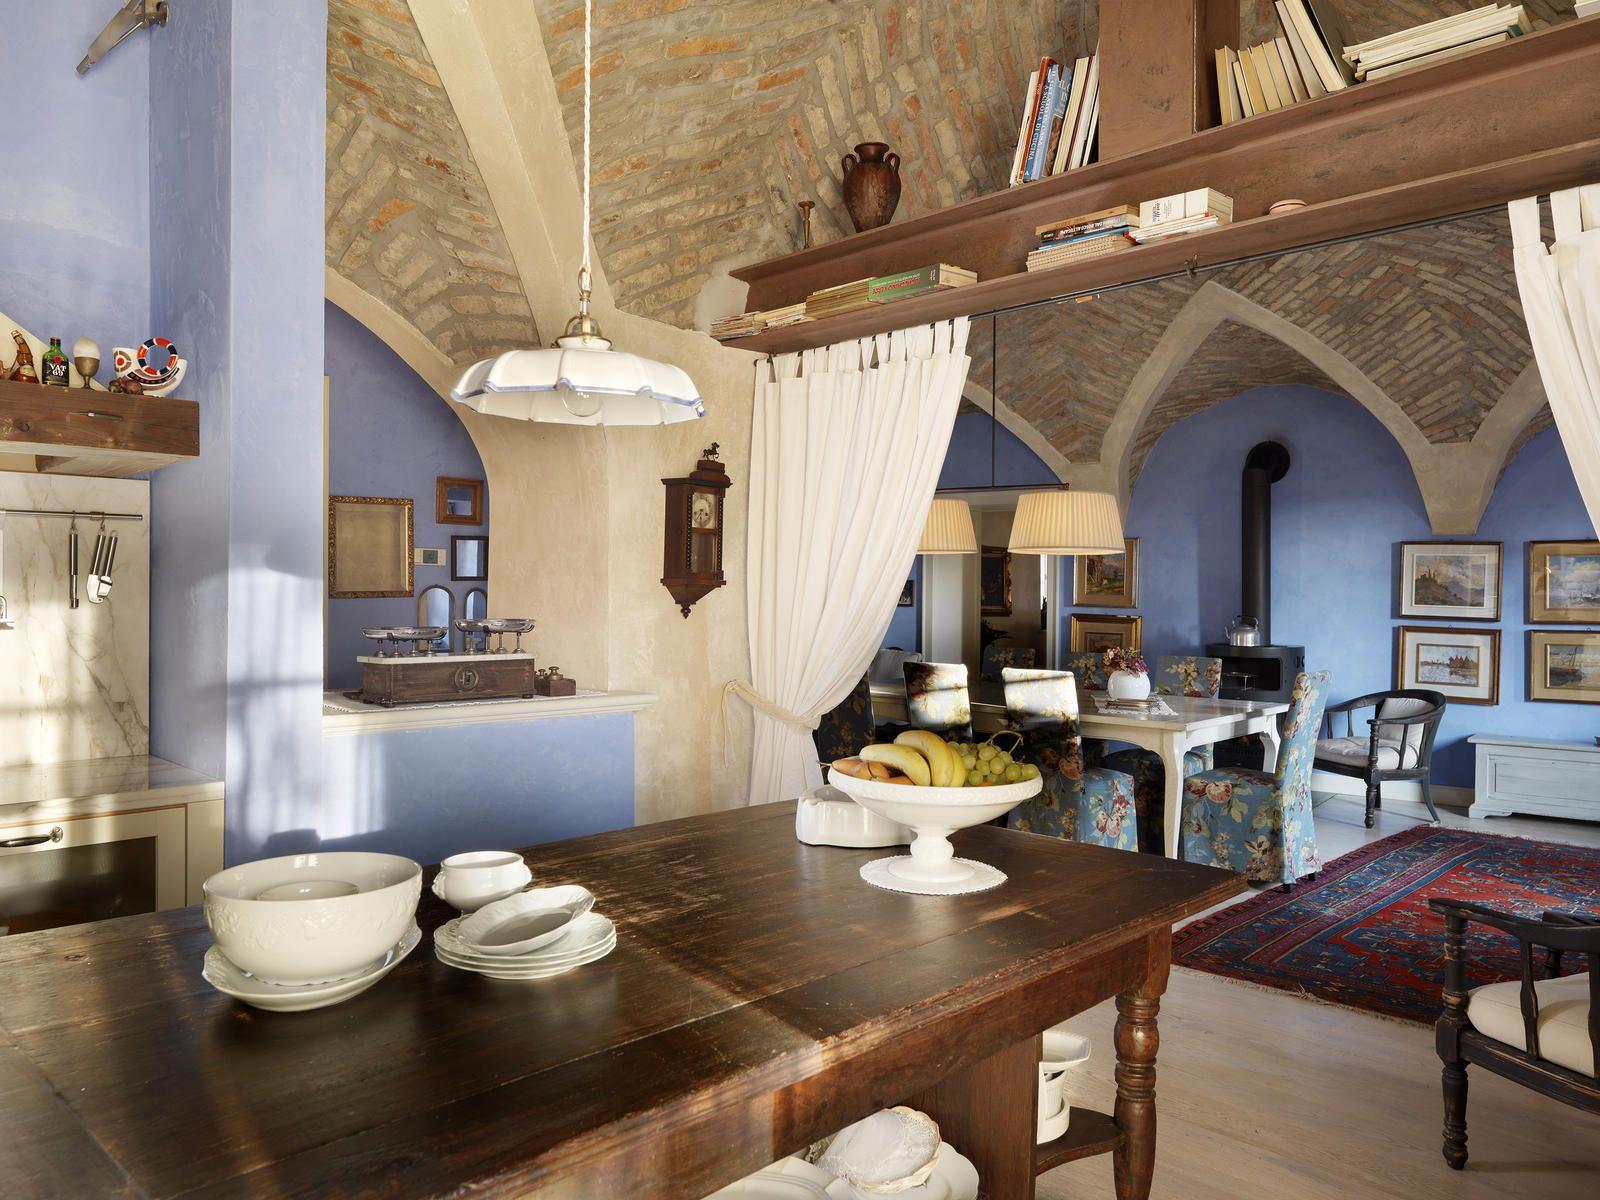 Arredamento antico di campagna casa di campagna arredo classico home far arreda interni for Immagini arredamento